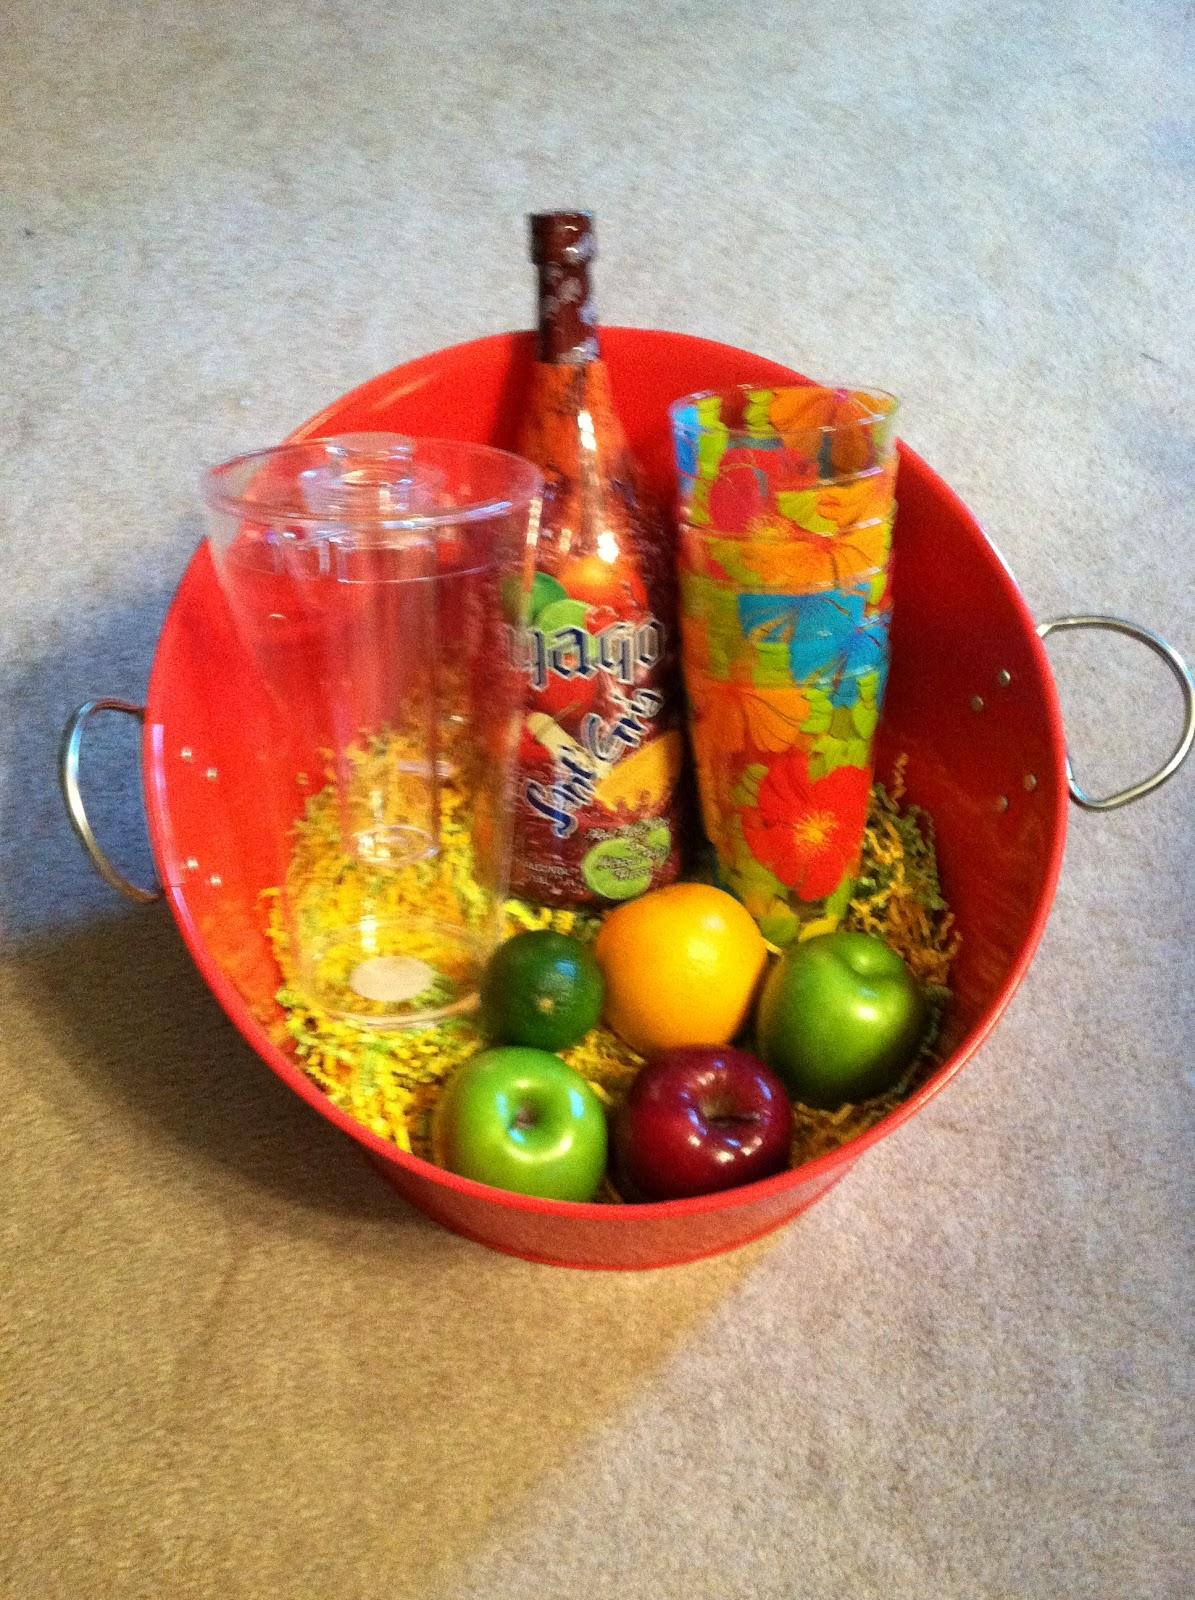 KrinkledKrafts: Gift Baskets